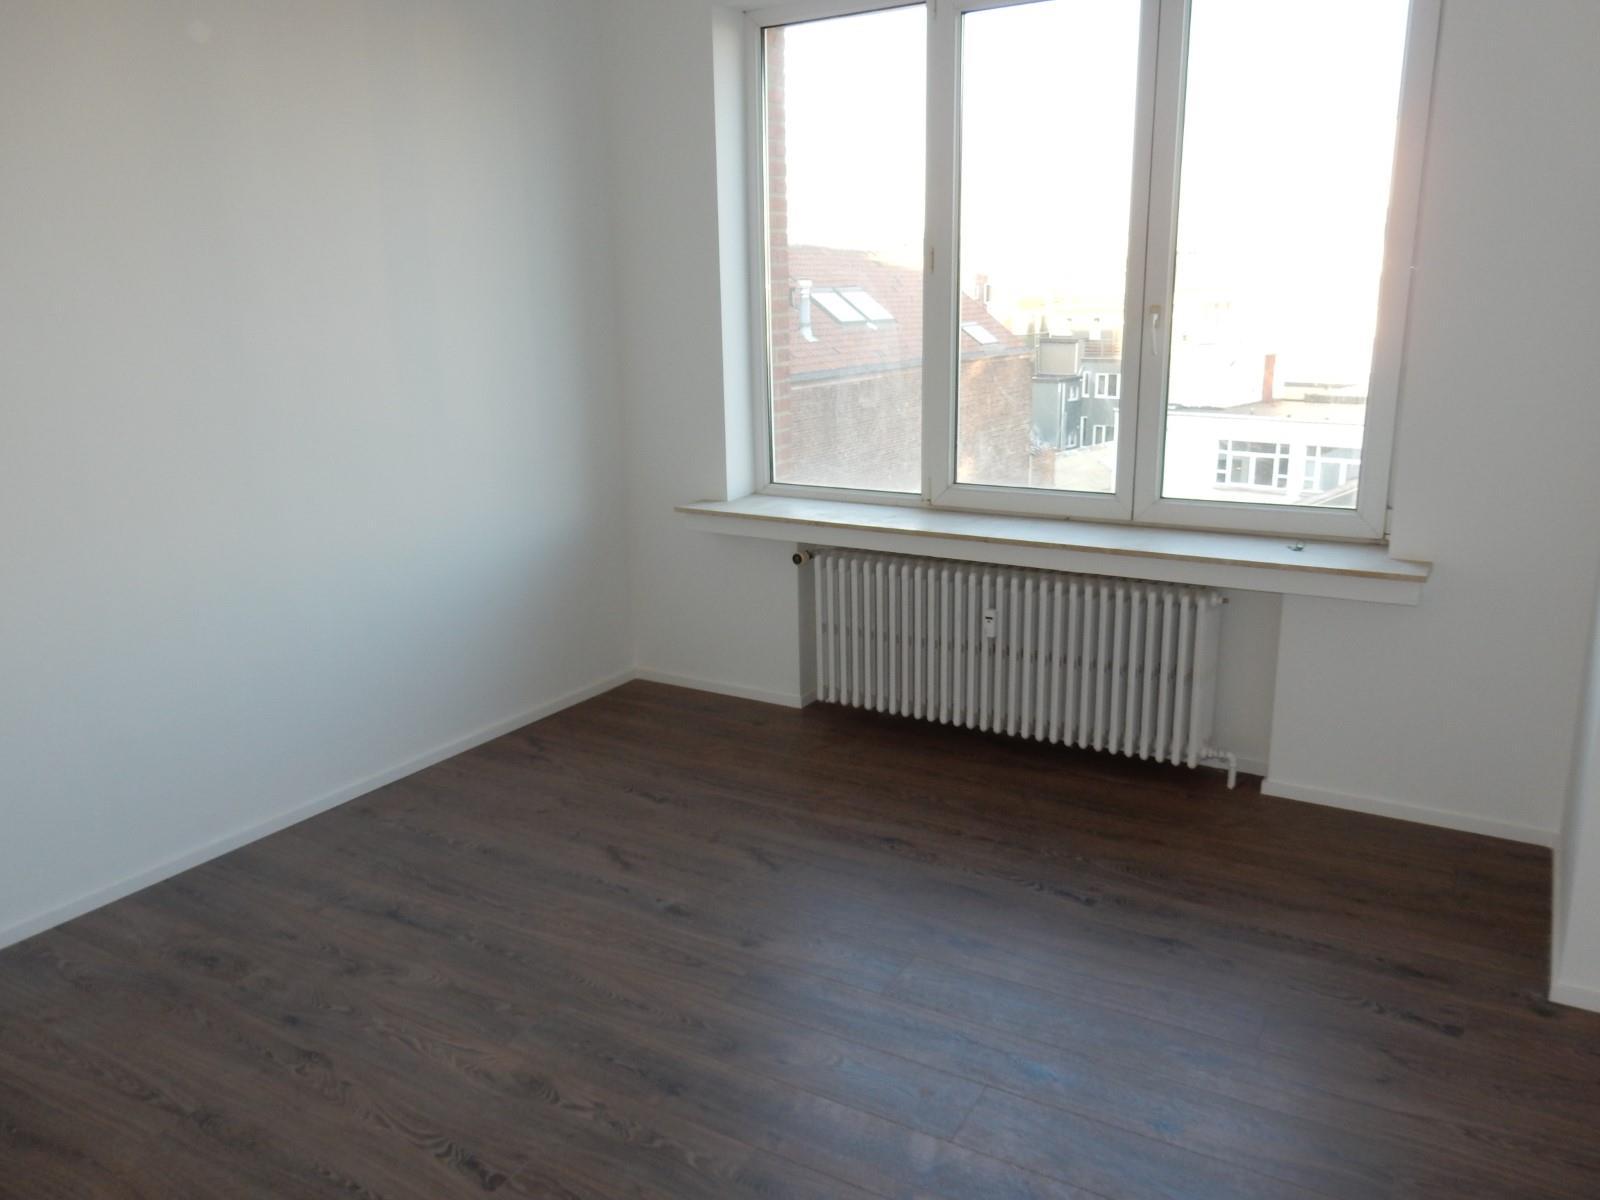 Flat - Ixelles - #2991900-8